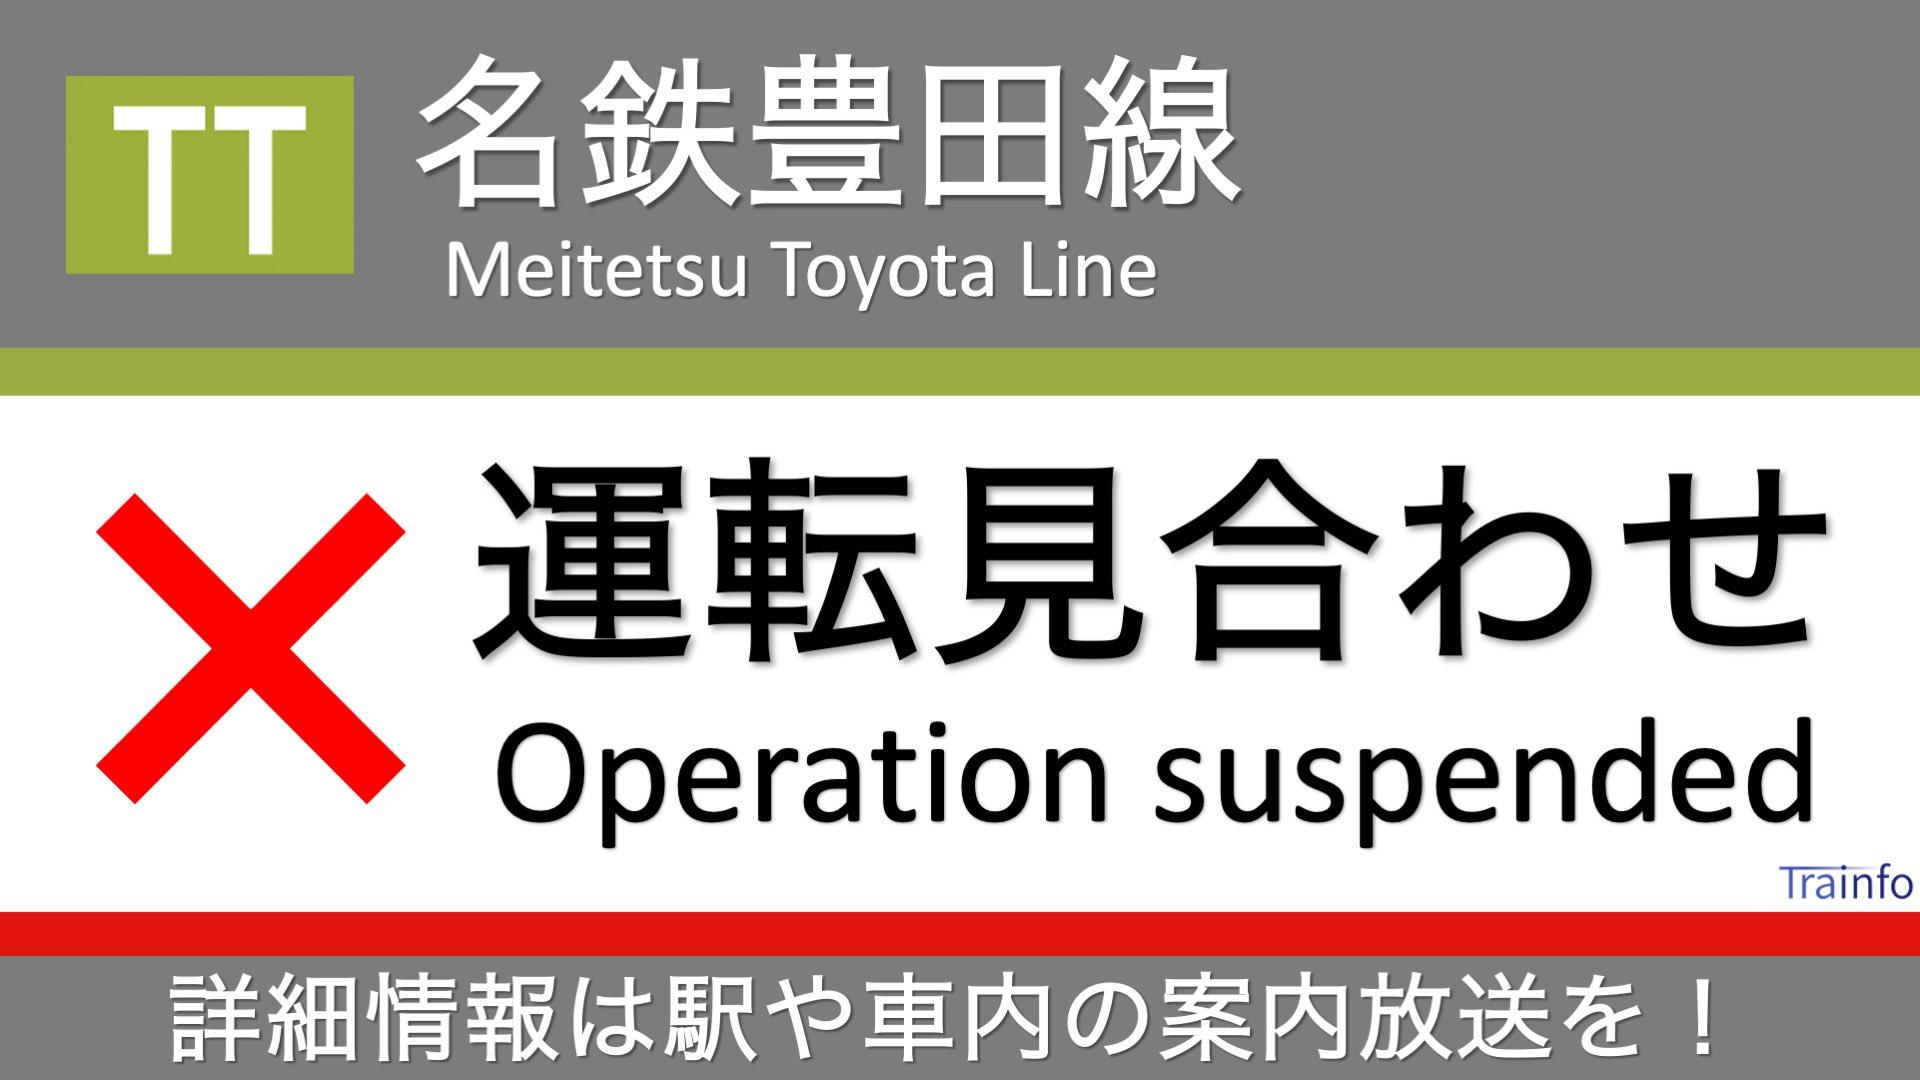 画像,【名鉄豊田線 上下線 運転見合わせ】豊田線は、黒笹~三好ケ丘での人身事故の影響で、赤池~梅坪の上下線で運転を見合わせています。 https://t.co/uxO…